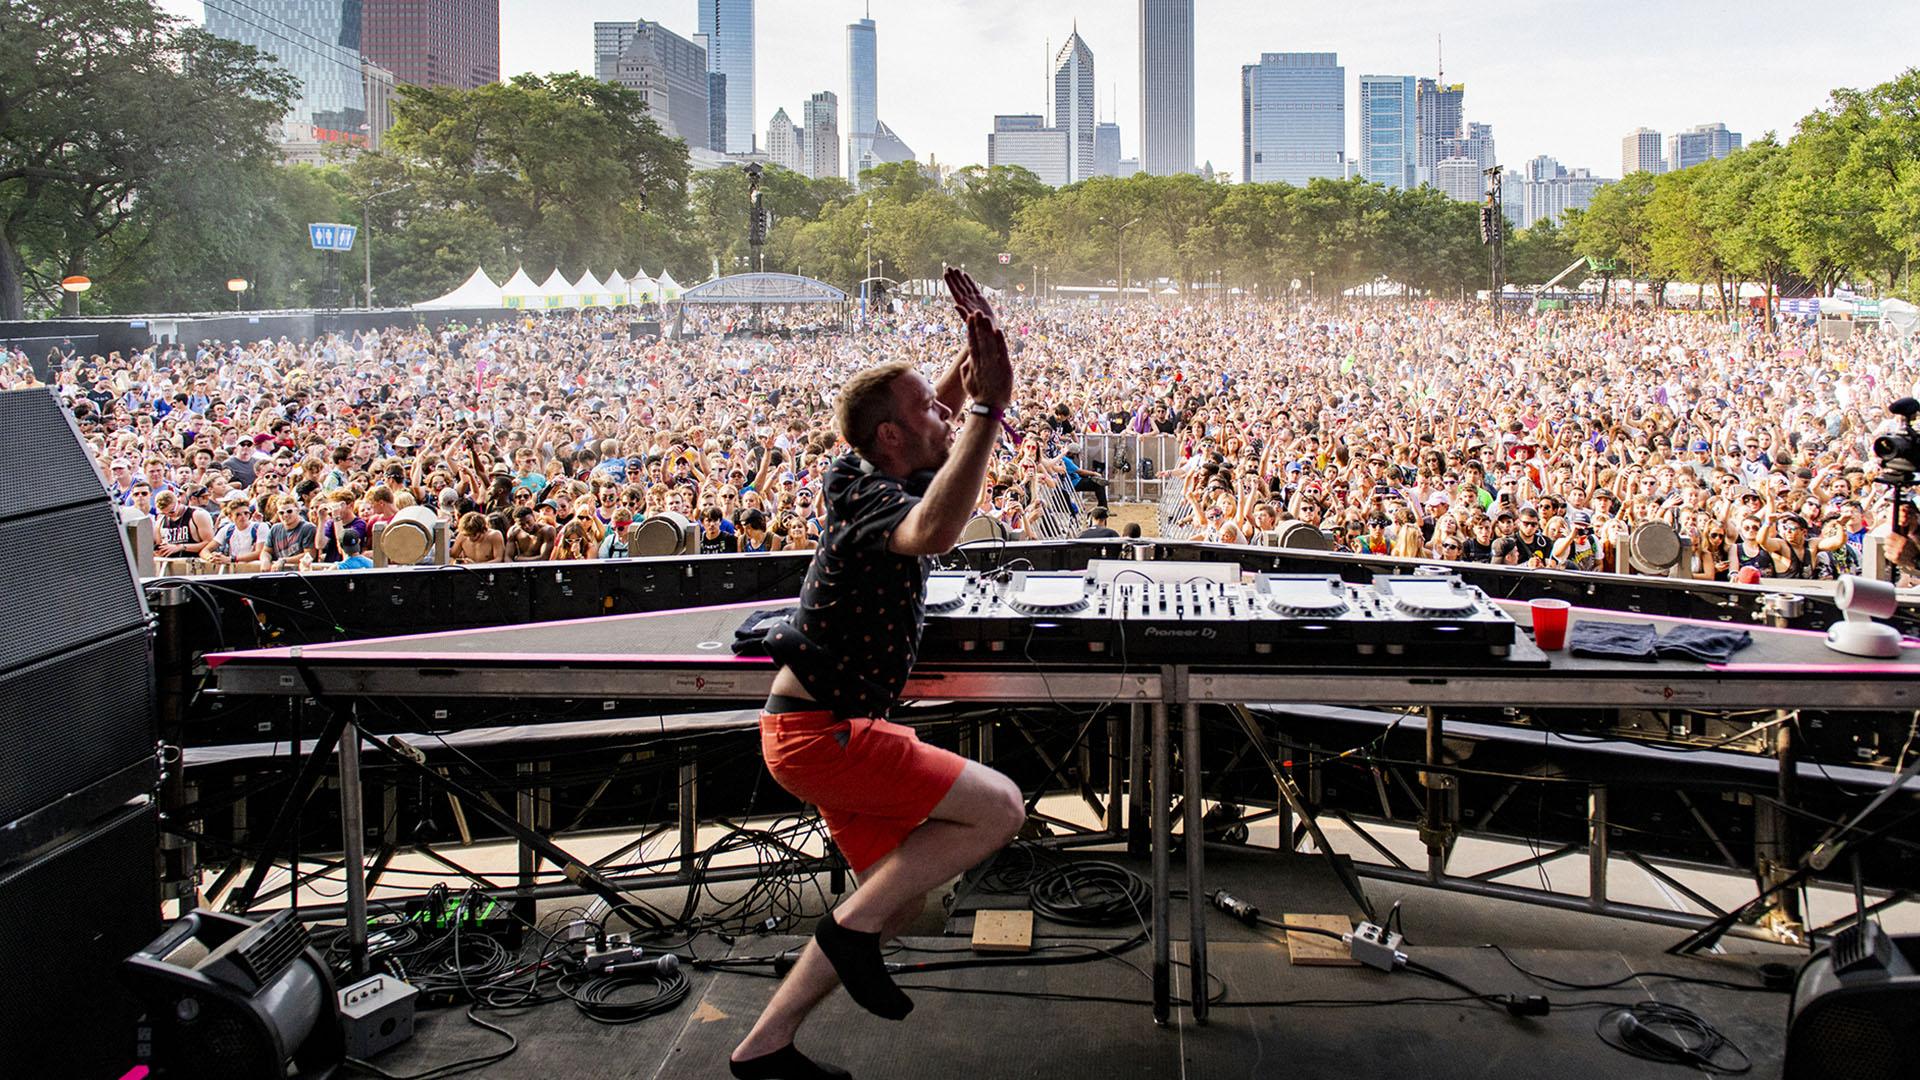 Pasaron 100.000 personas por día por el Lollapalooza Chicago.